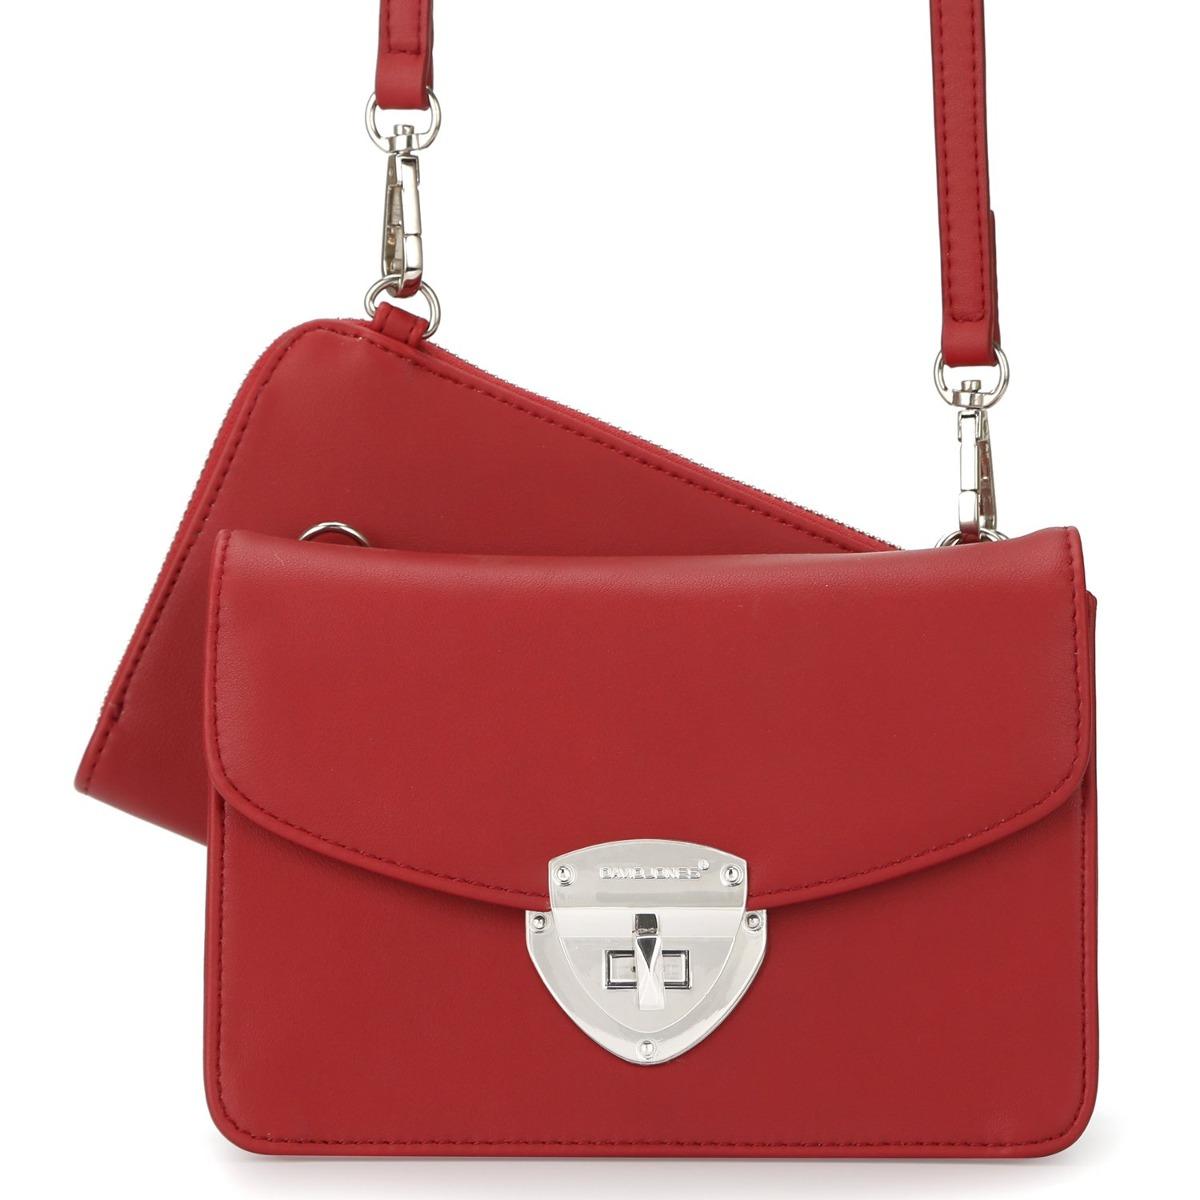 45a8aa31e bolsos cruzados para mujeres bolso pequeño con correa par. Cargando zoom.